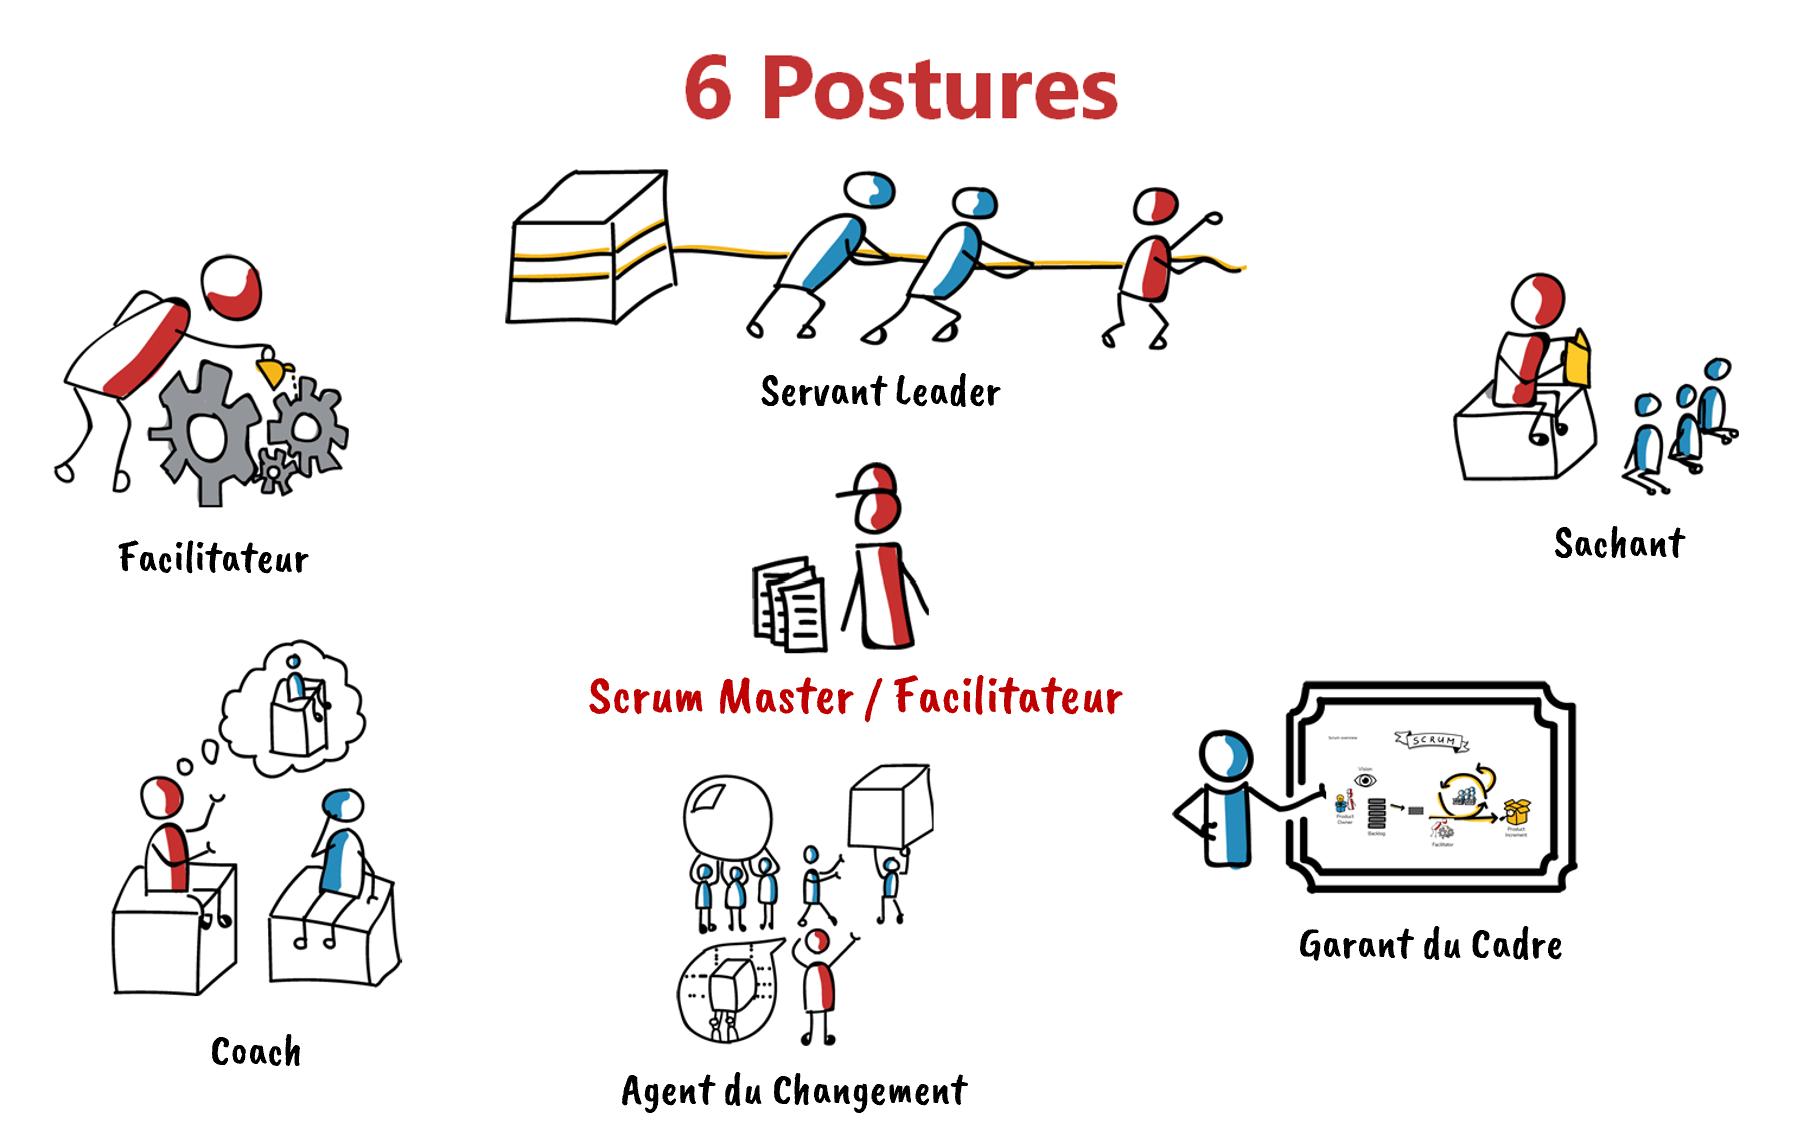 6 postures du facilitateur